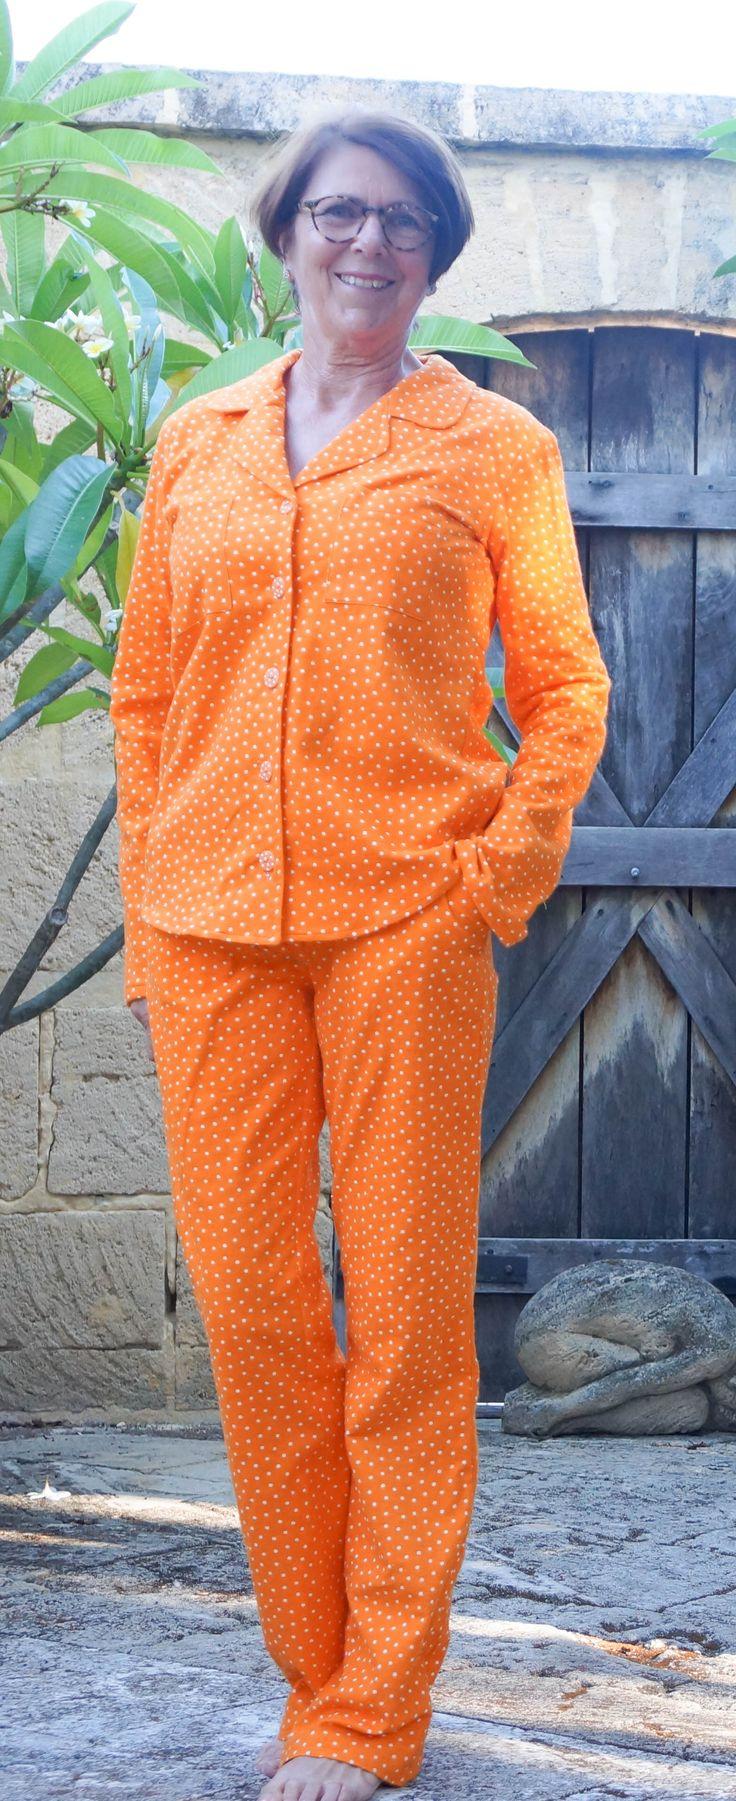 Carolyn Pajama Pattern by Fadanista